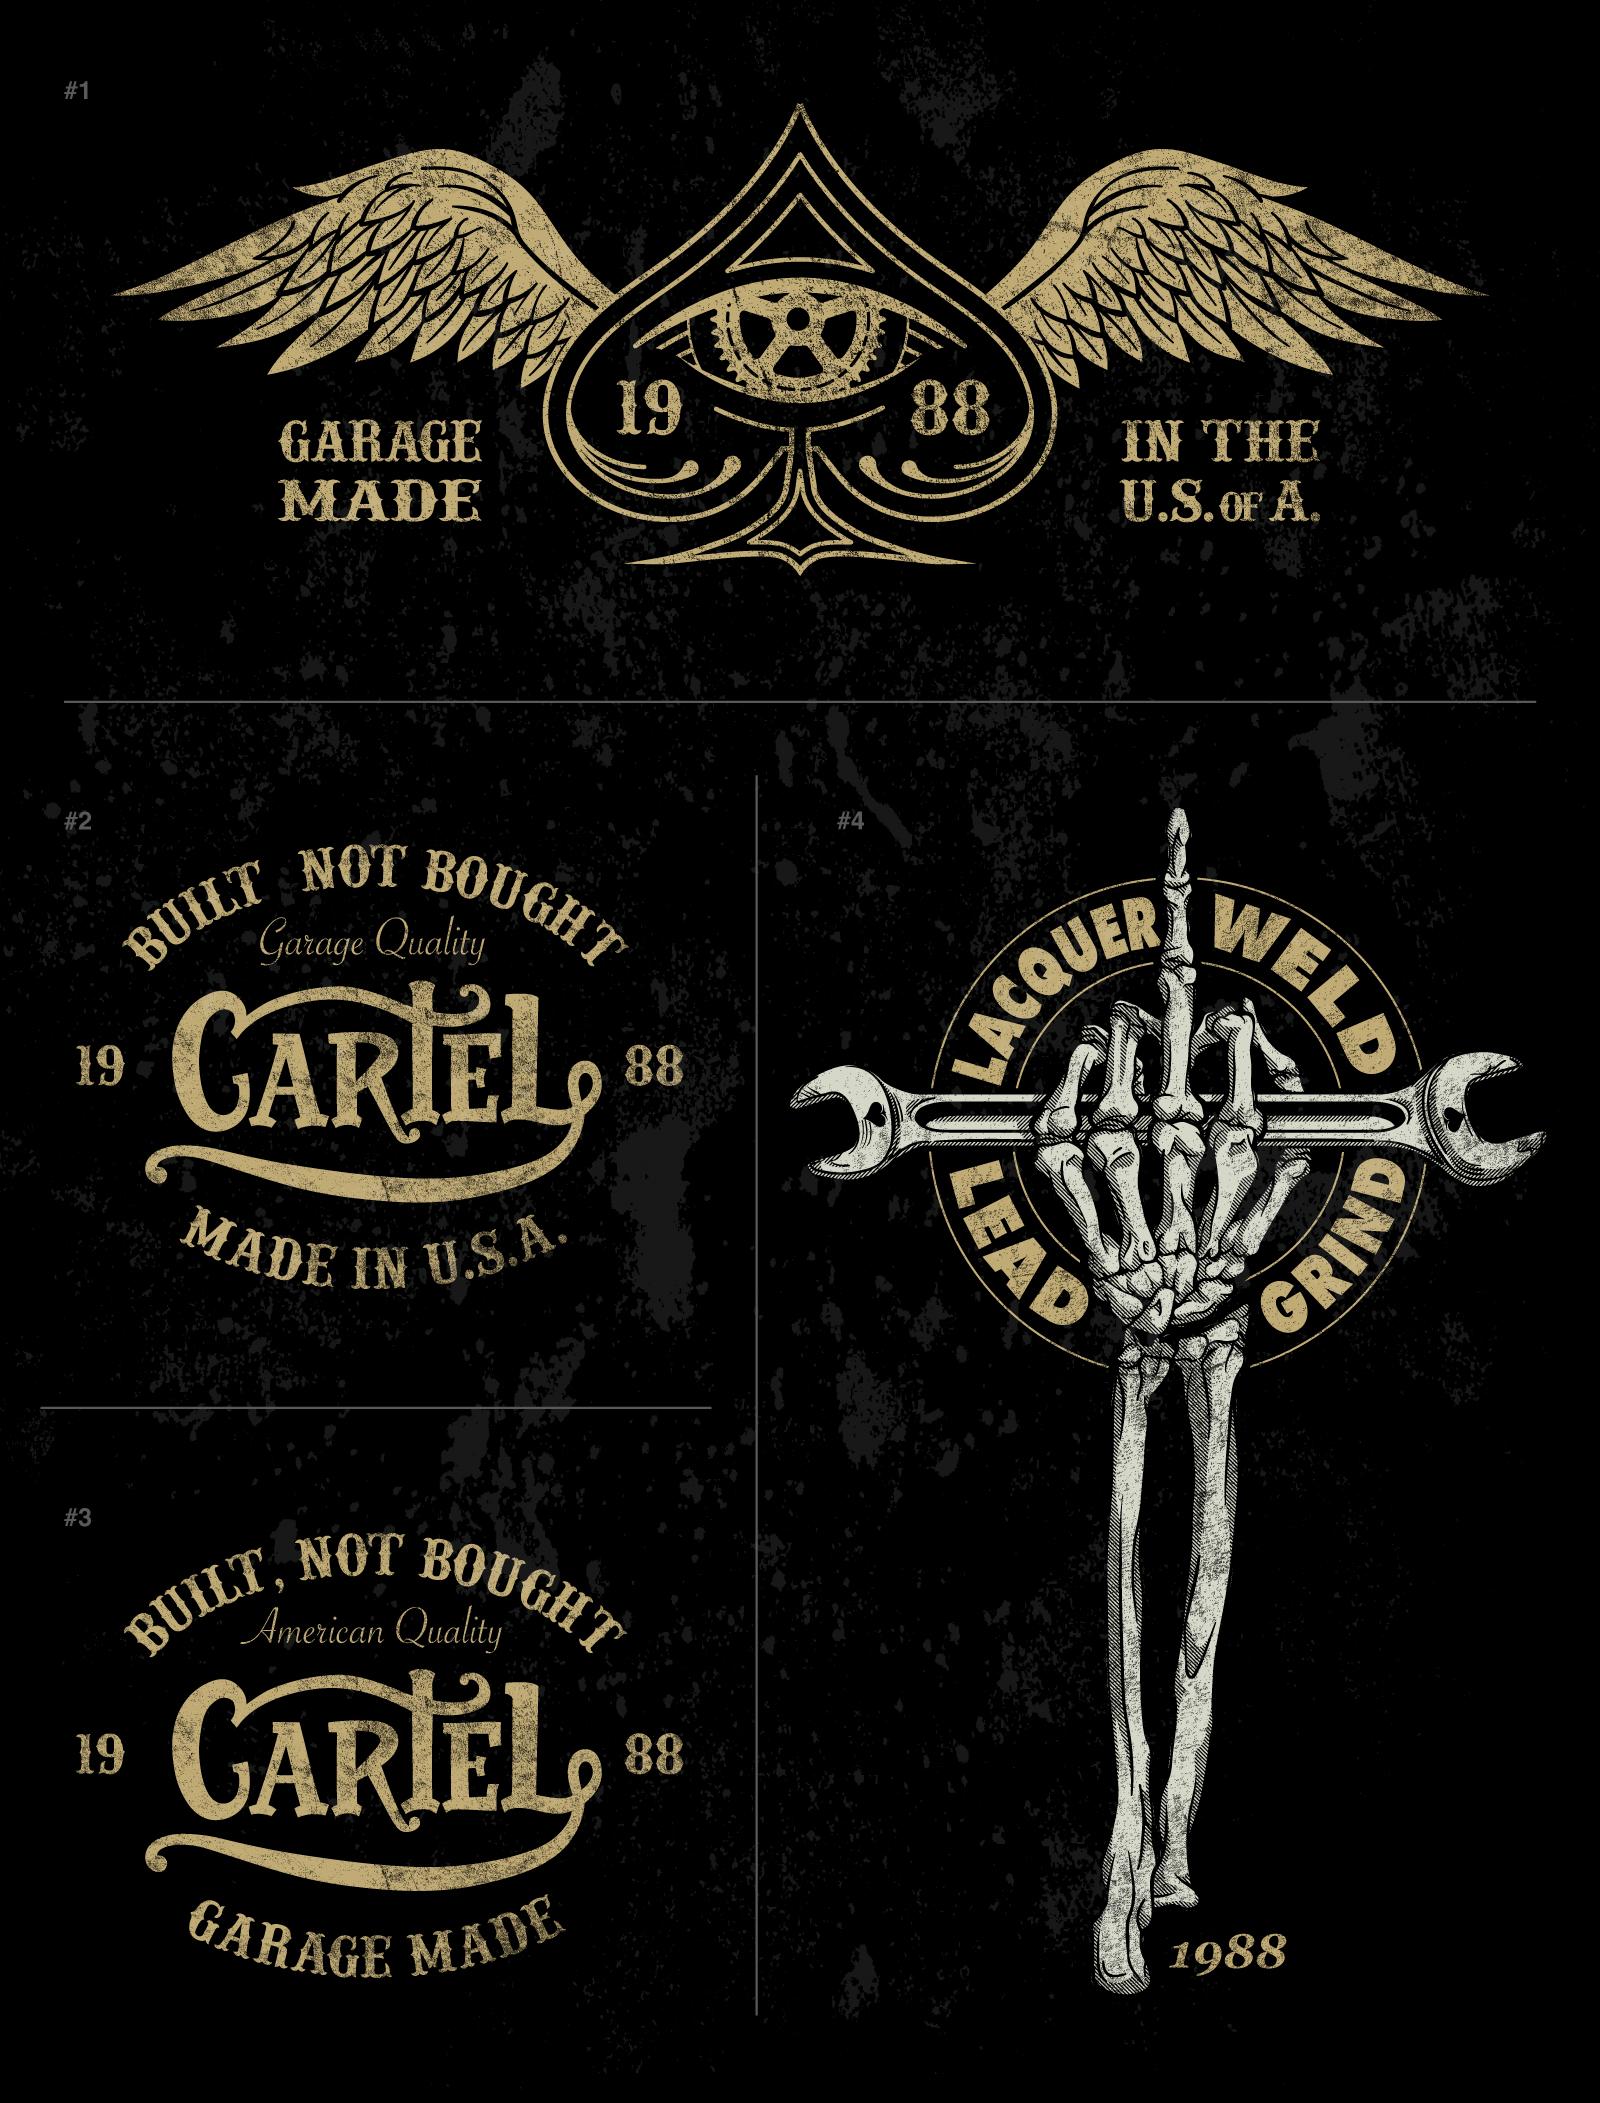 CarTel_BrandingMarks_Various.jpg